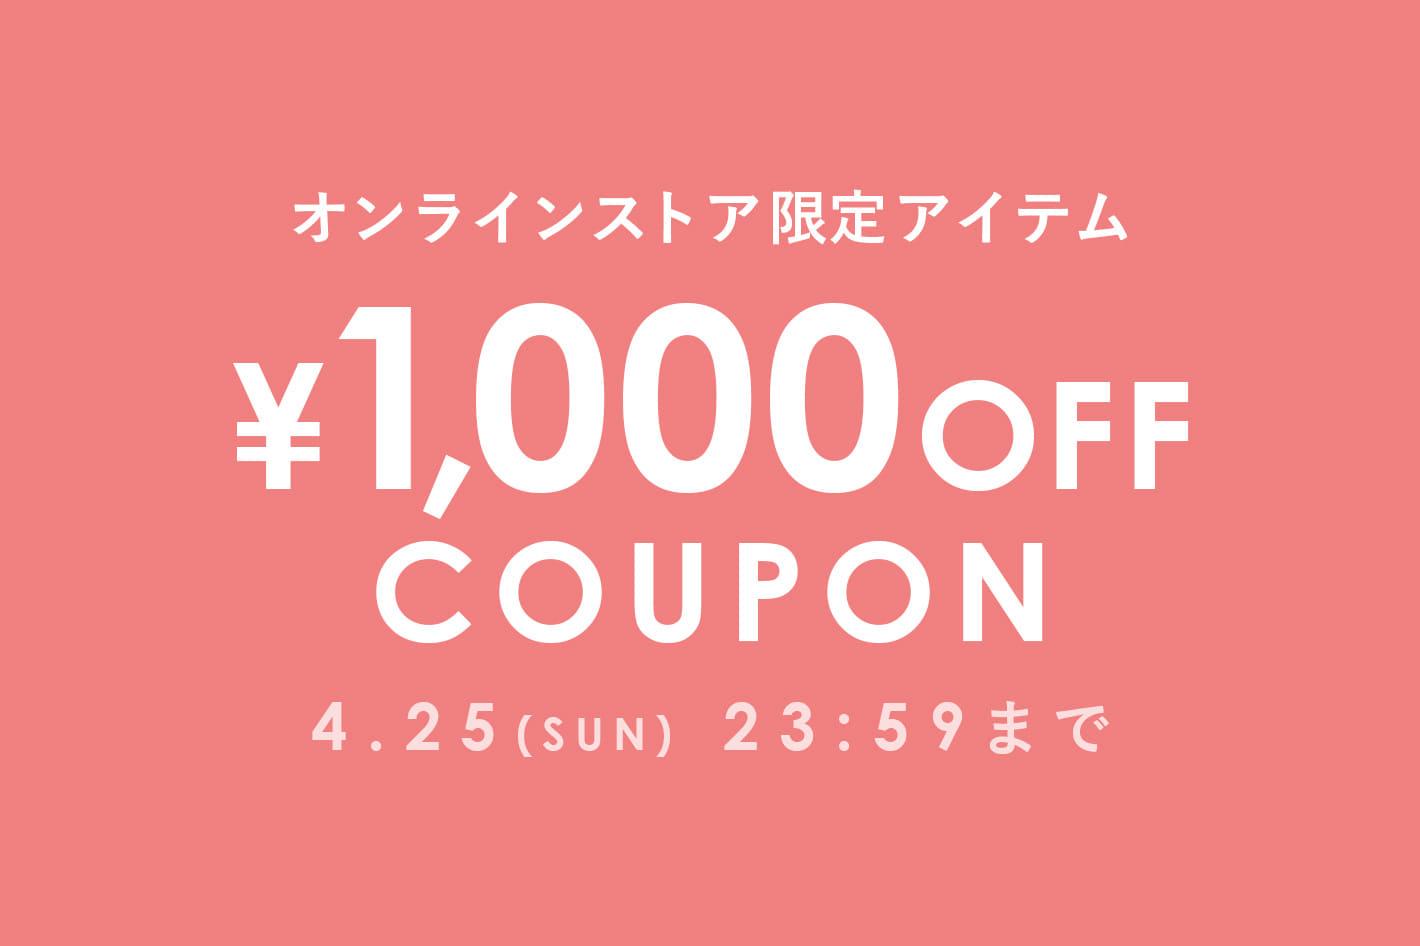 russet 【期間限定】オンラインストア限定アイテムに使える¥1,000クーポンプレゼント!